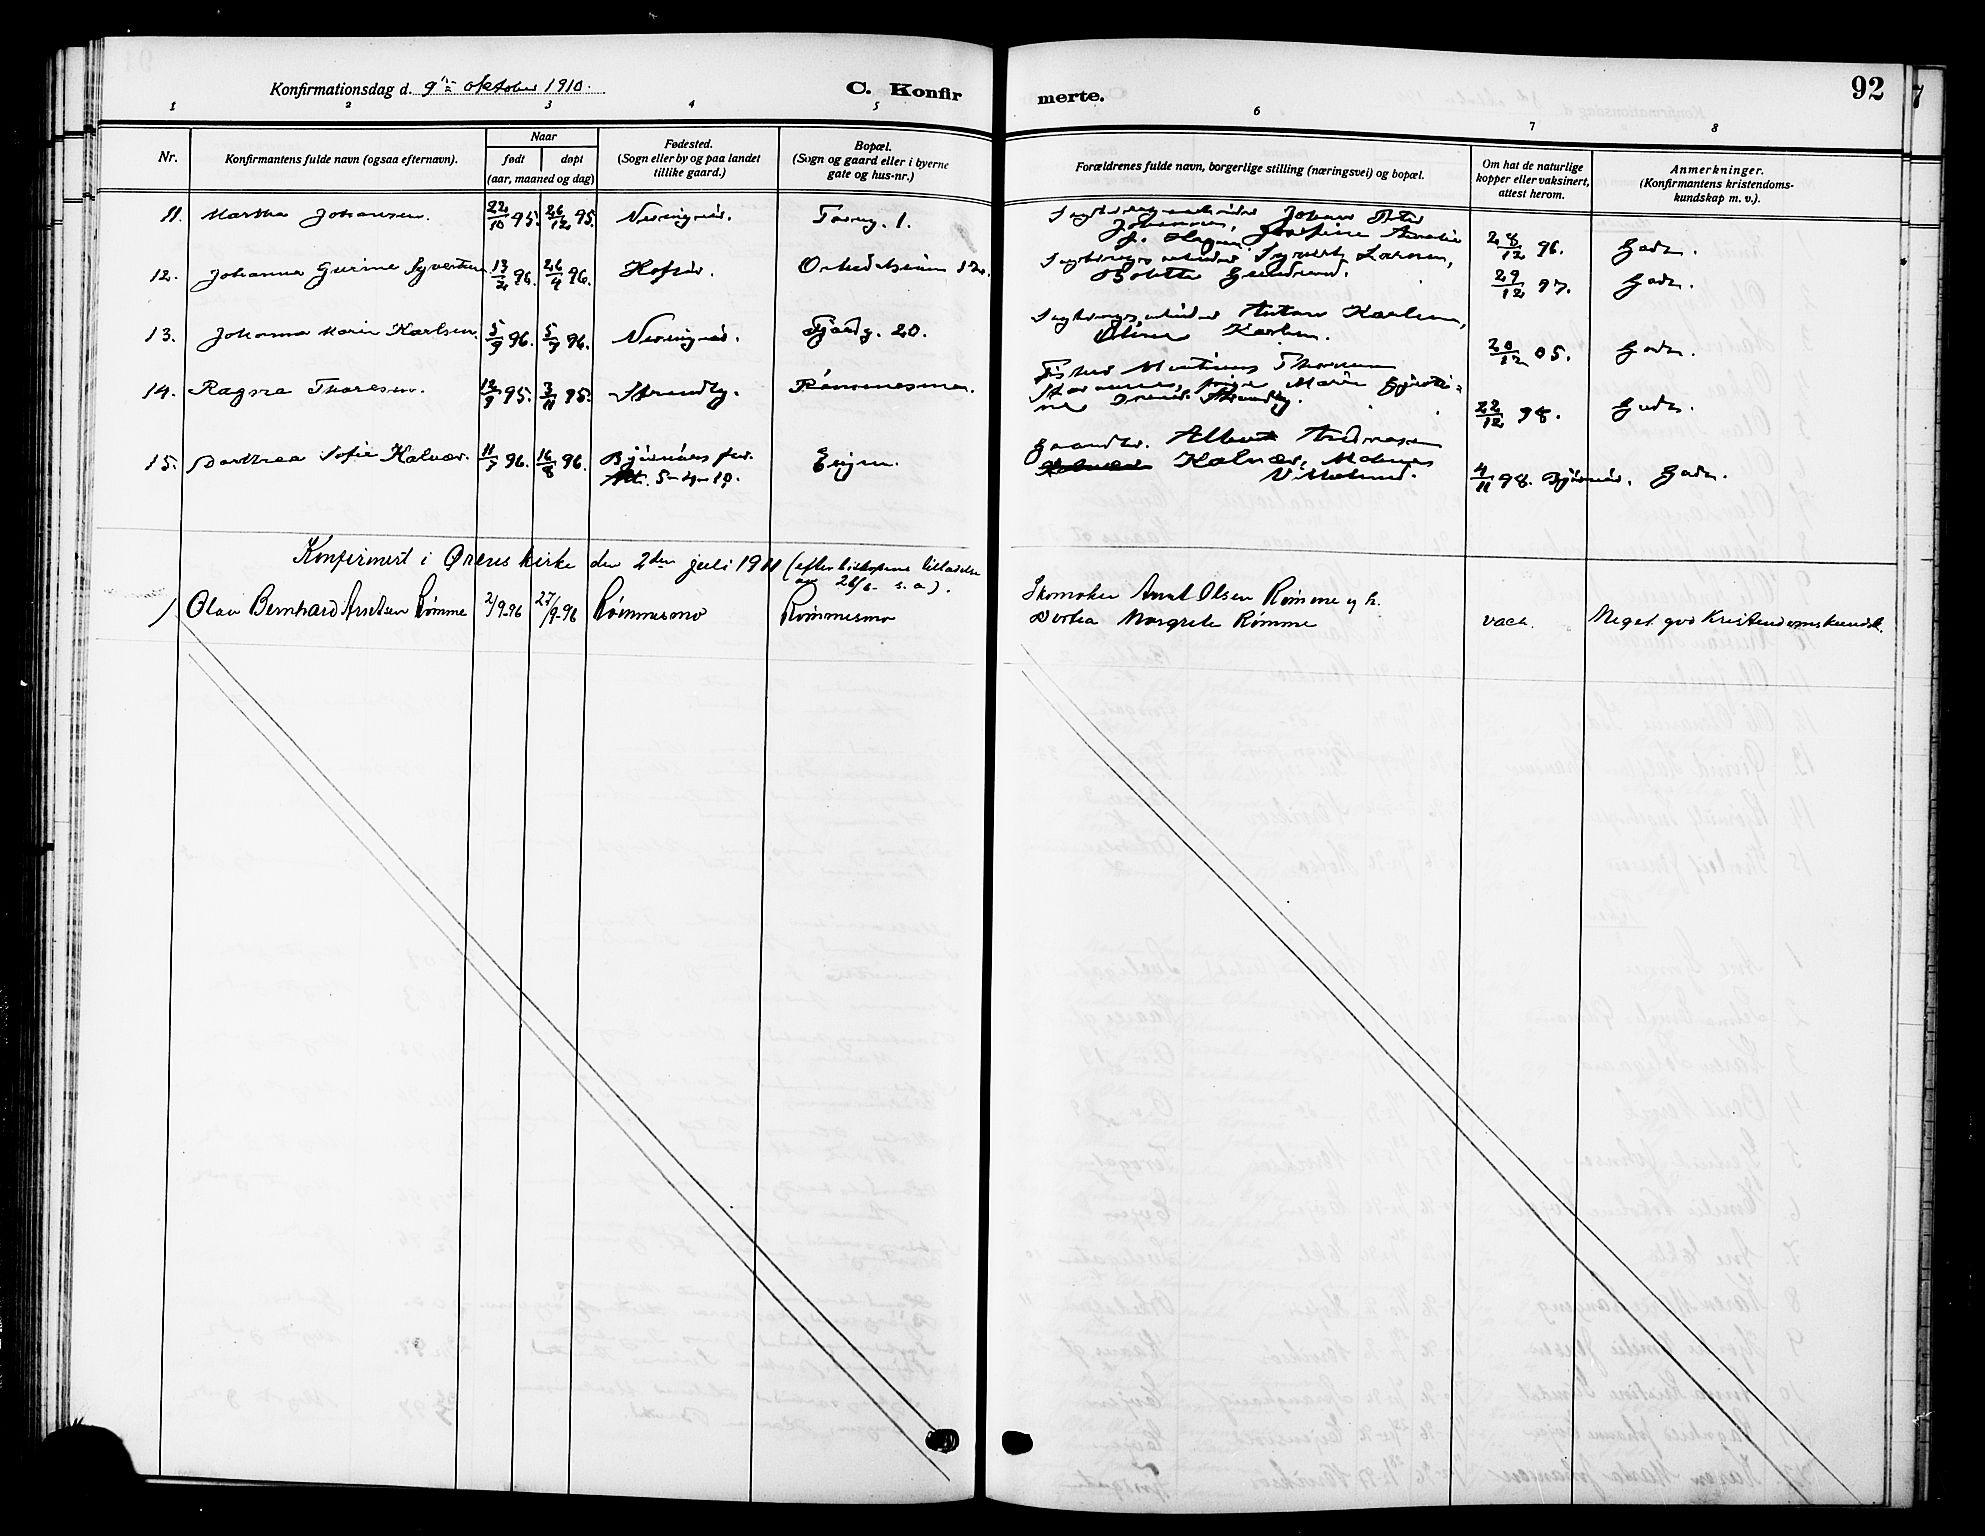 SAT, Ministerialprotokoller, klokkerbøker og fødselsregistre - Sør-Trøndelag, 669/L0831: Klokkerbok nr. 669C01, 1909-1924, s. 92